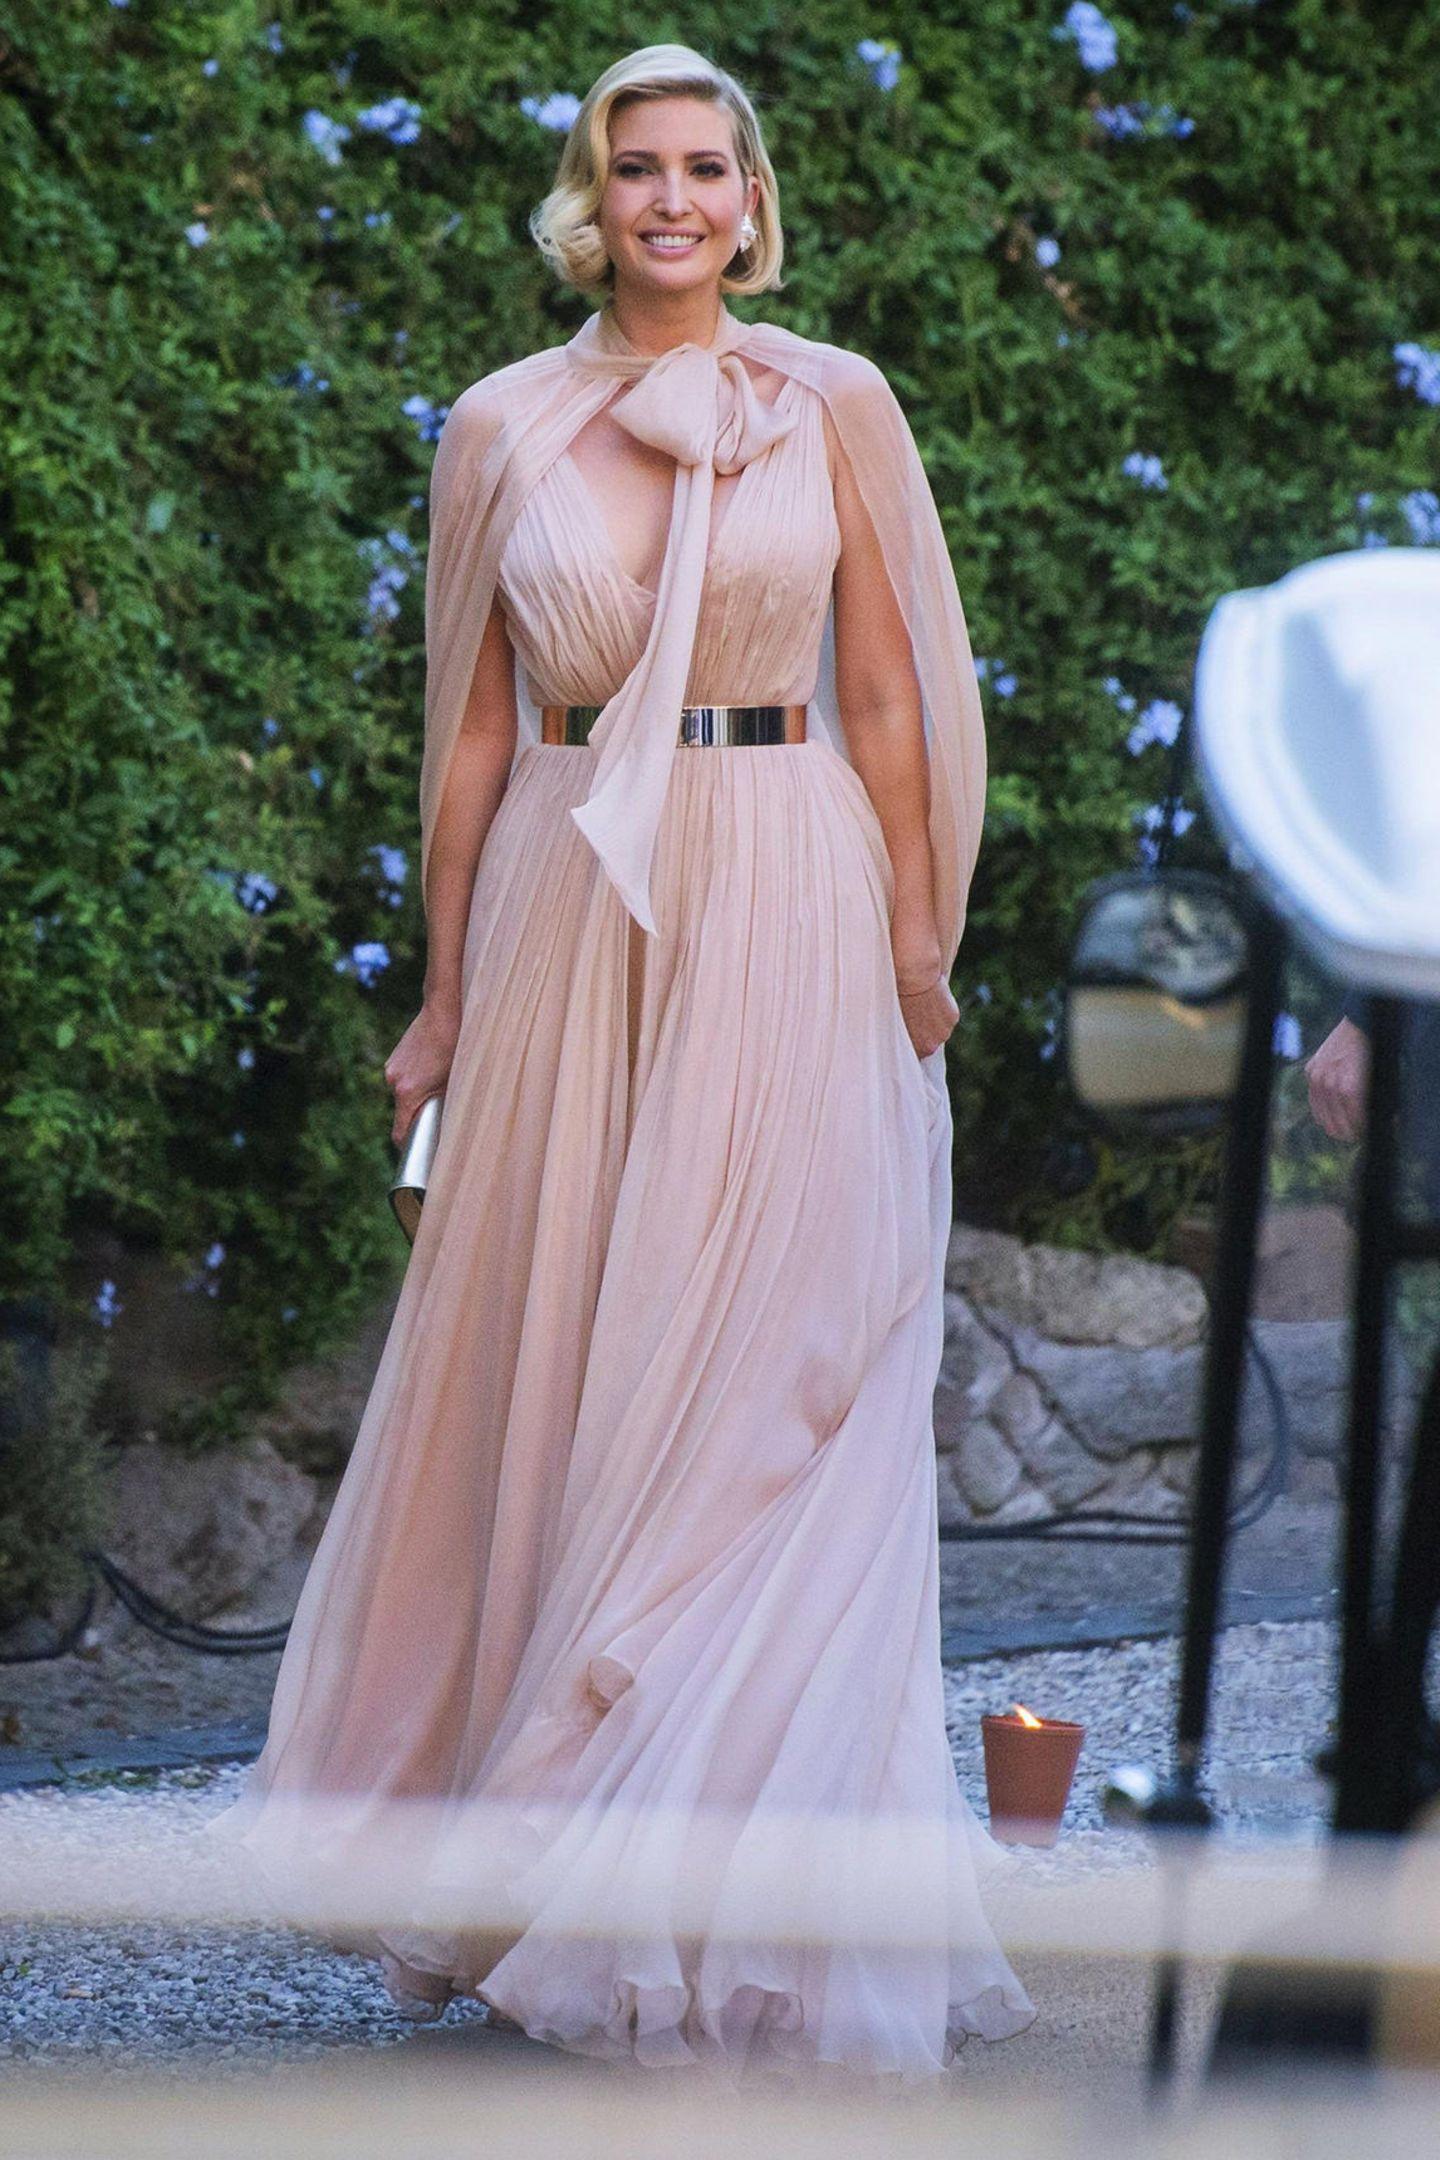 Bei der Hochzeit von Modedesignerin Misha Nonoo zählen nicht nur Prinz Harry und Herzogin Meghan zu den Gästen, auch Präsidententochter Ivanka Trump ist nach Rom gereist. Ivanka trägt ein nudefarbenes Kleid vonGalia Lahav für etwa 2.260 Euro.